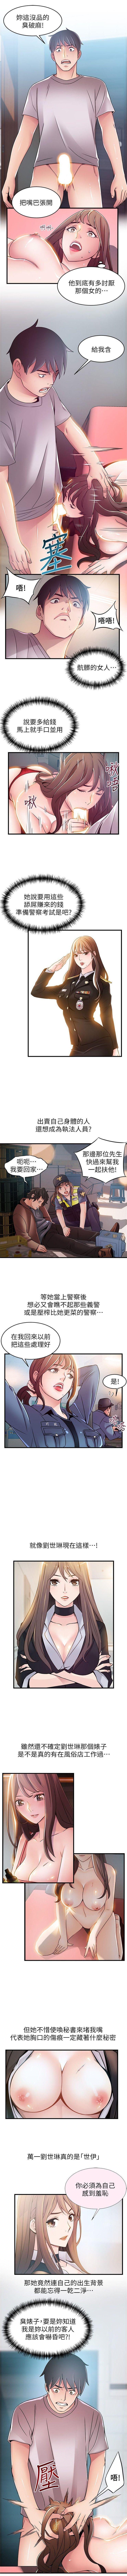 弱点 1-64 中文翻译(更新中) 186